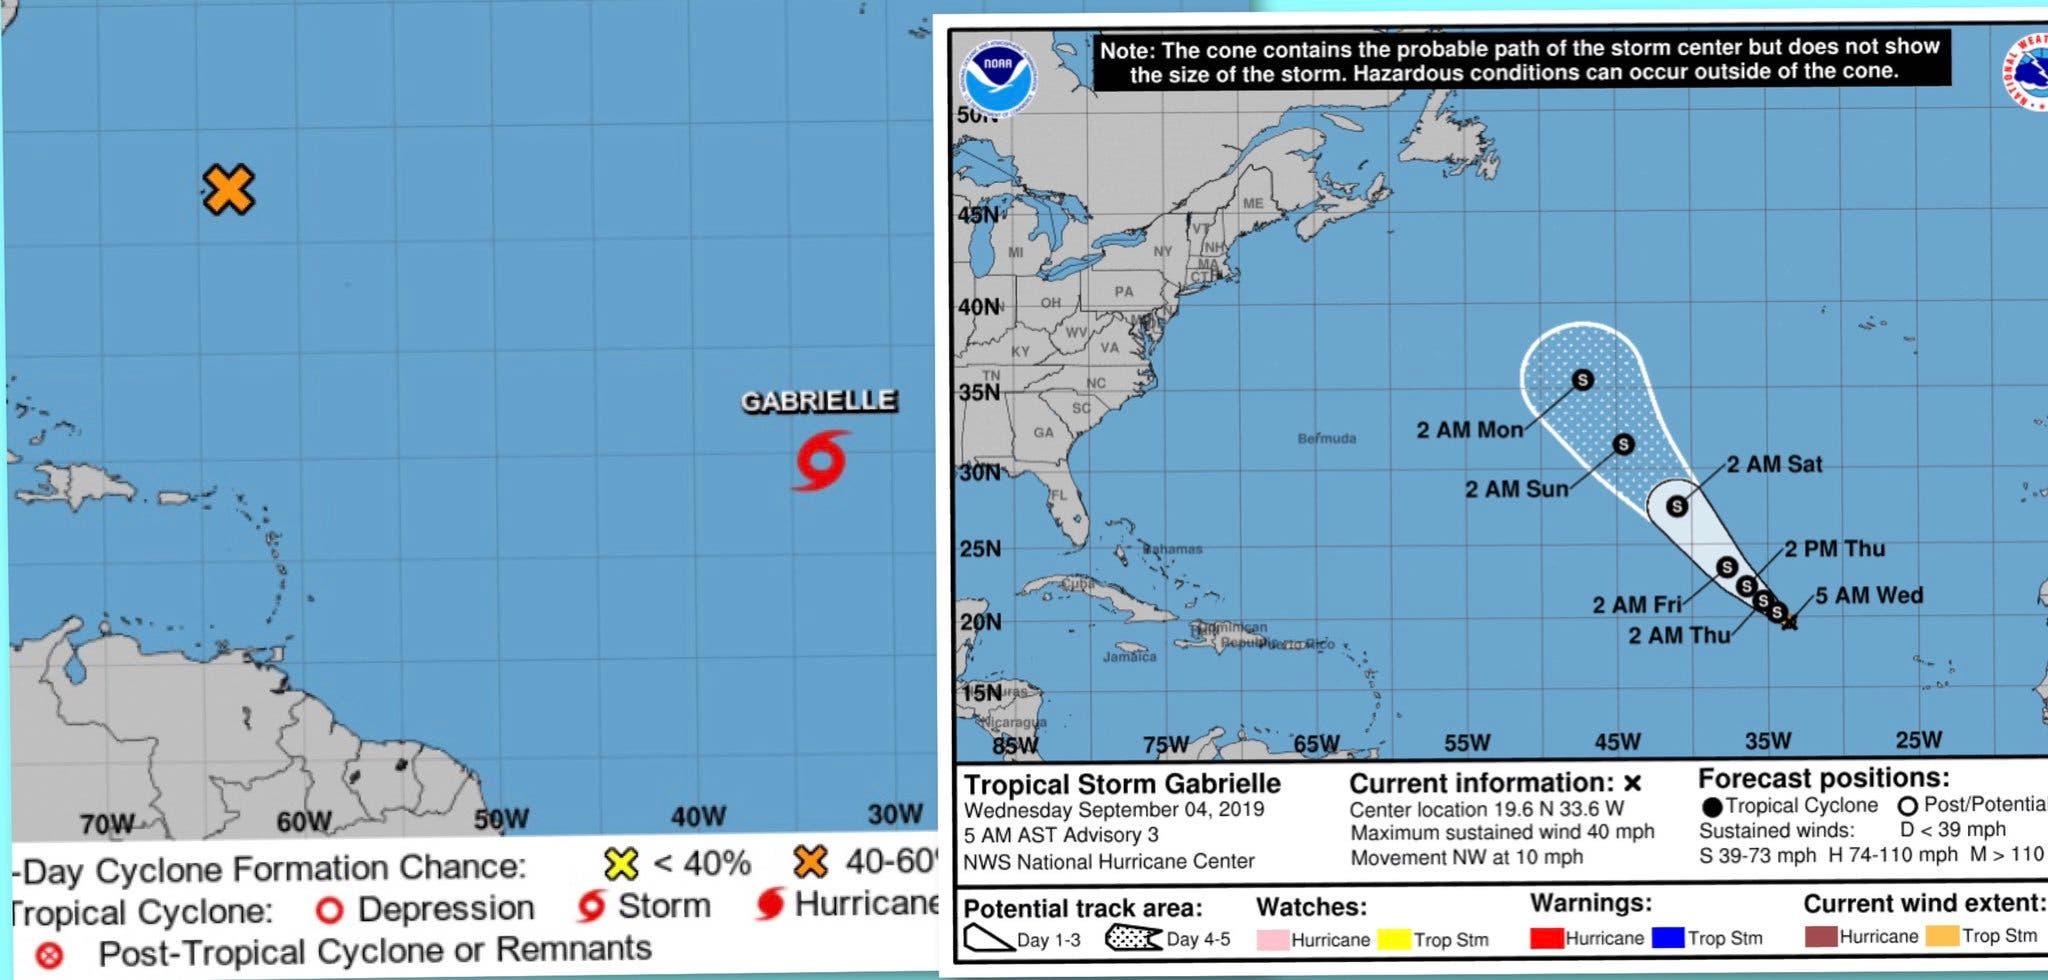 Se forma la tormenta tropical Gabrielle en el Atlántico; te decimos si presenta peligro para RD